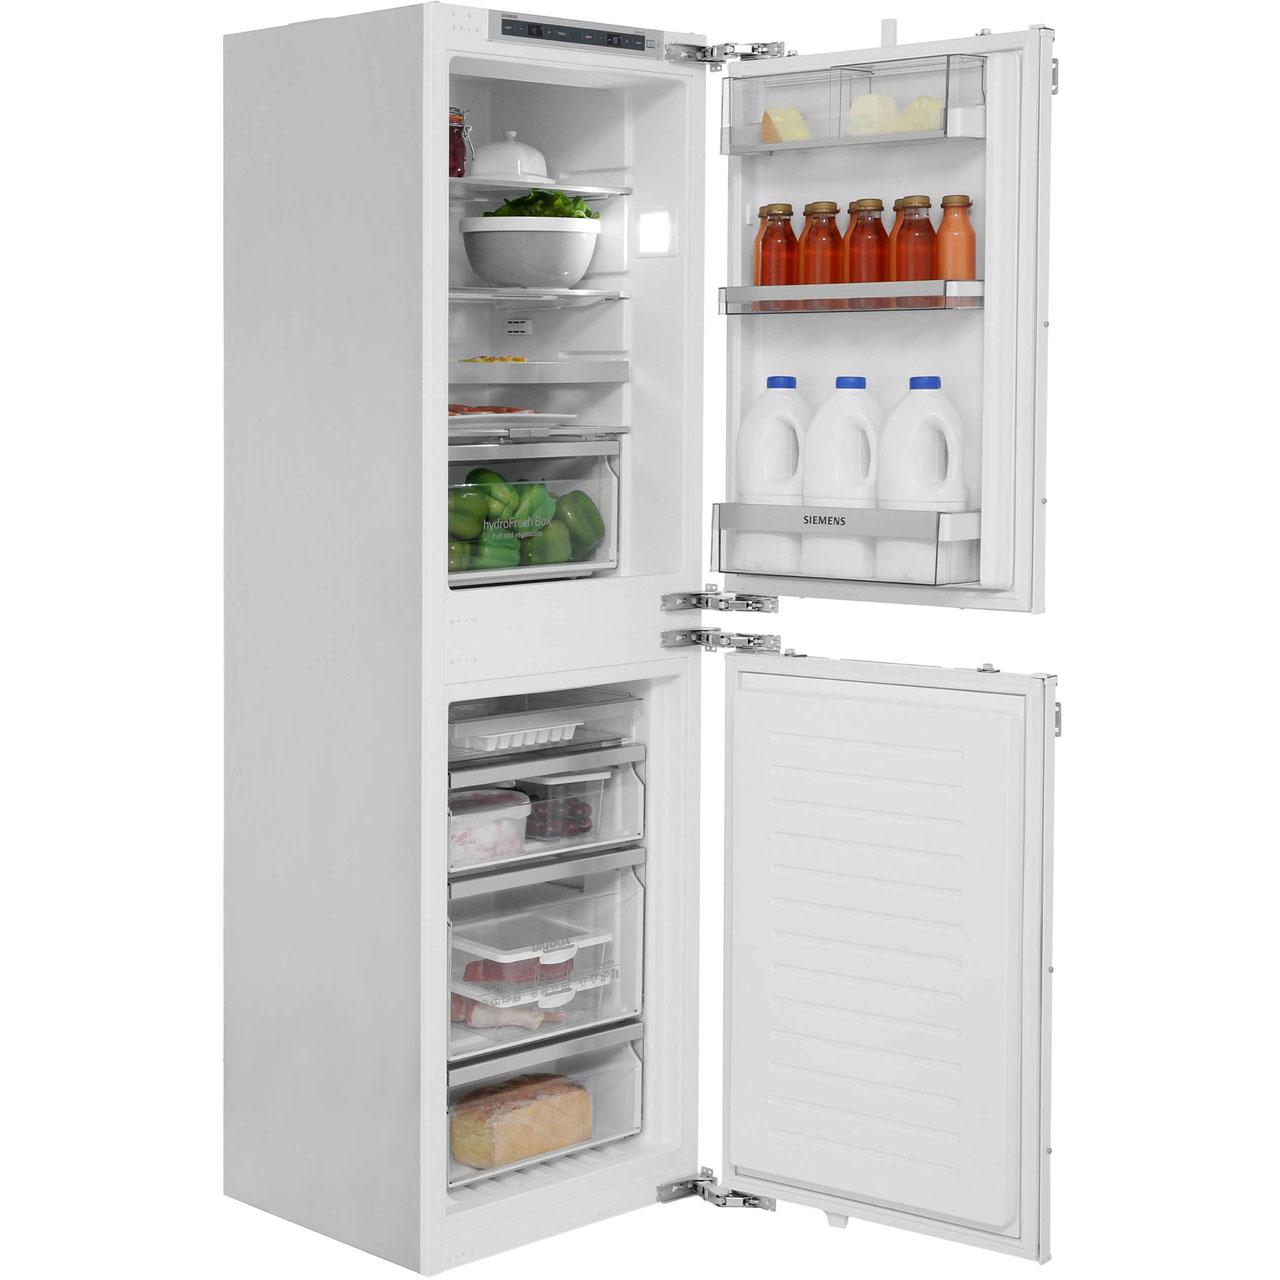 siemens integrated fridge freezer k185nad30g. Black Bedroom Furniture Sets. Home Design Ideas